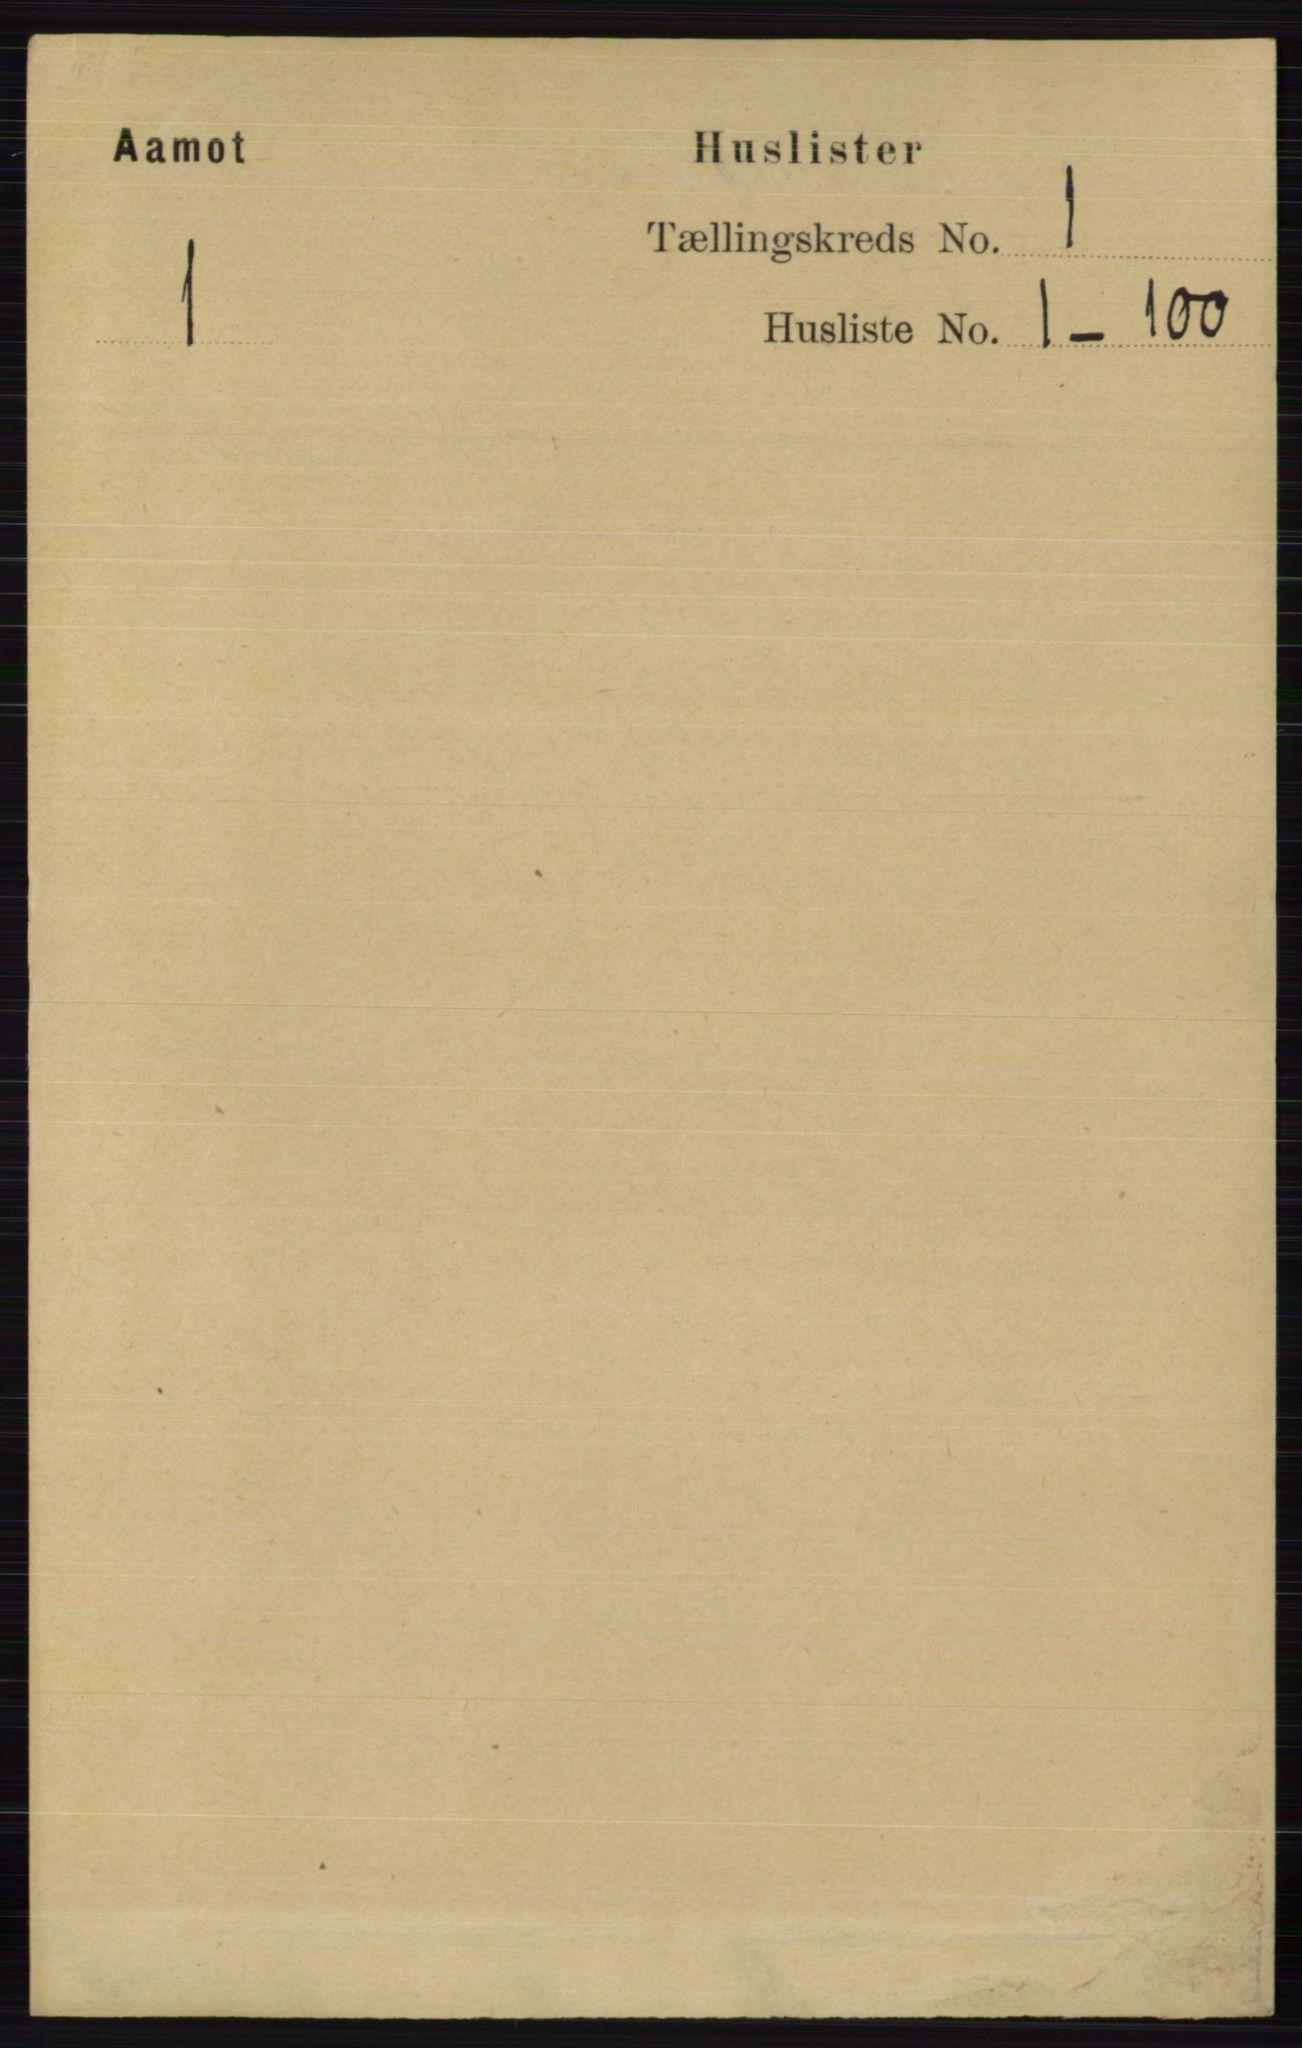 RA, Folketelling 1891 for 0429 Åmot herred, 1891, s. 27